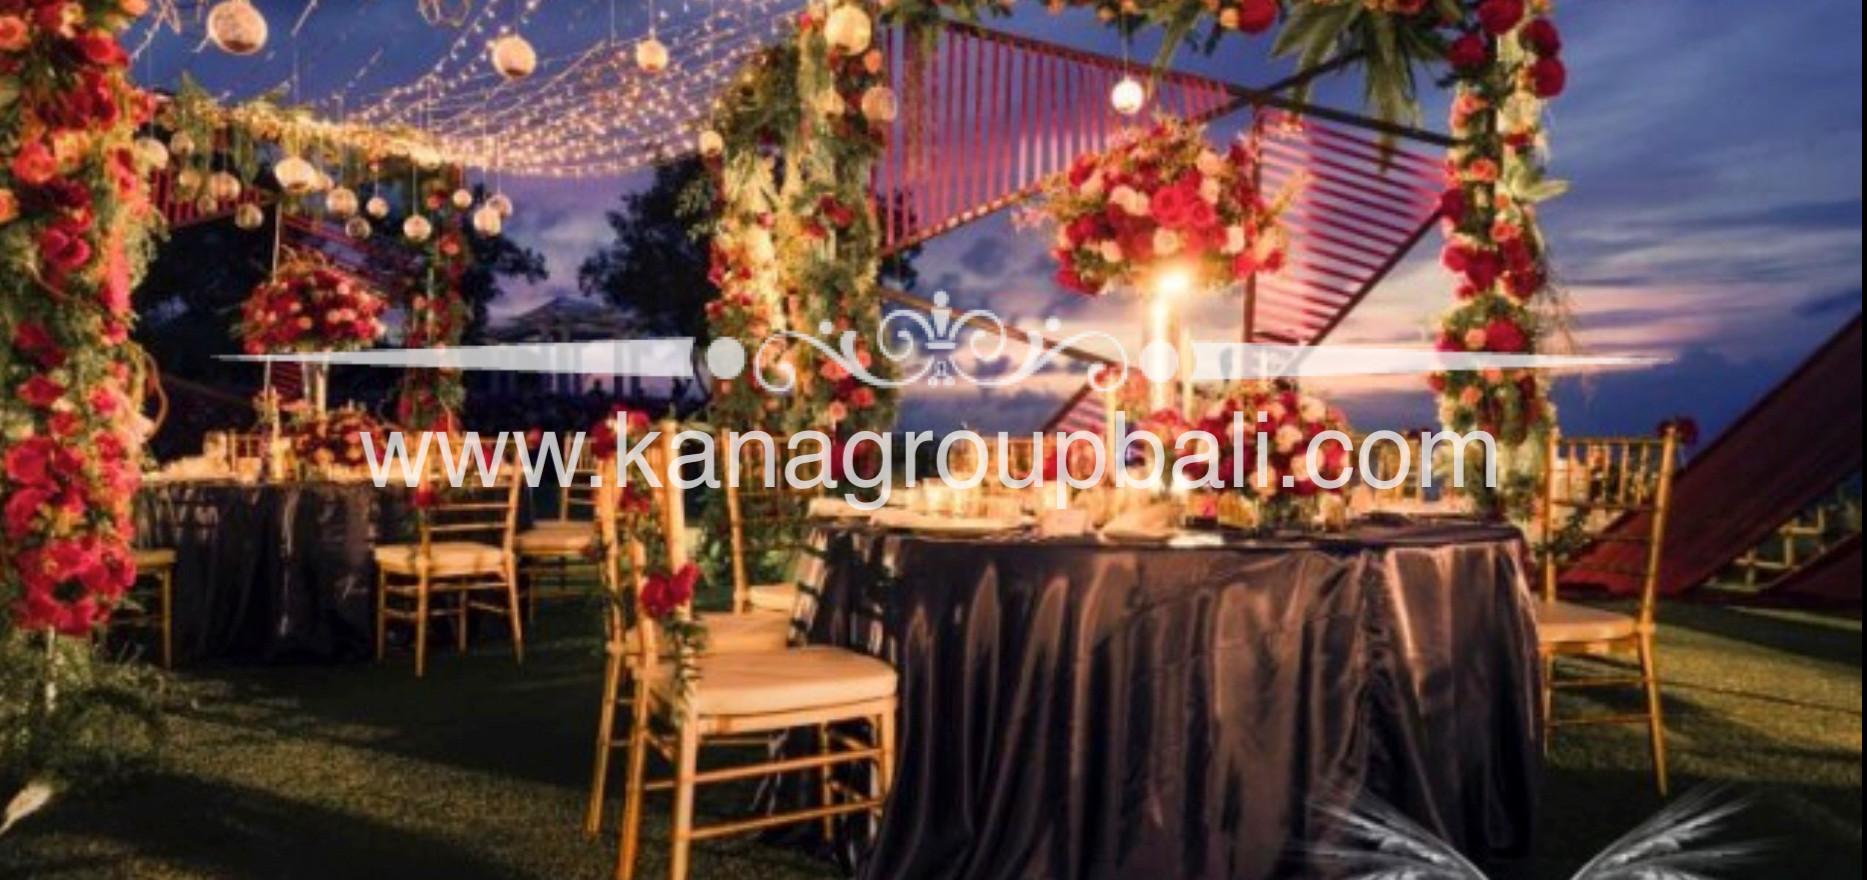 round table flower centerpiece.jpg